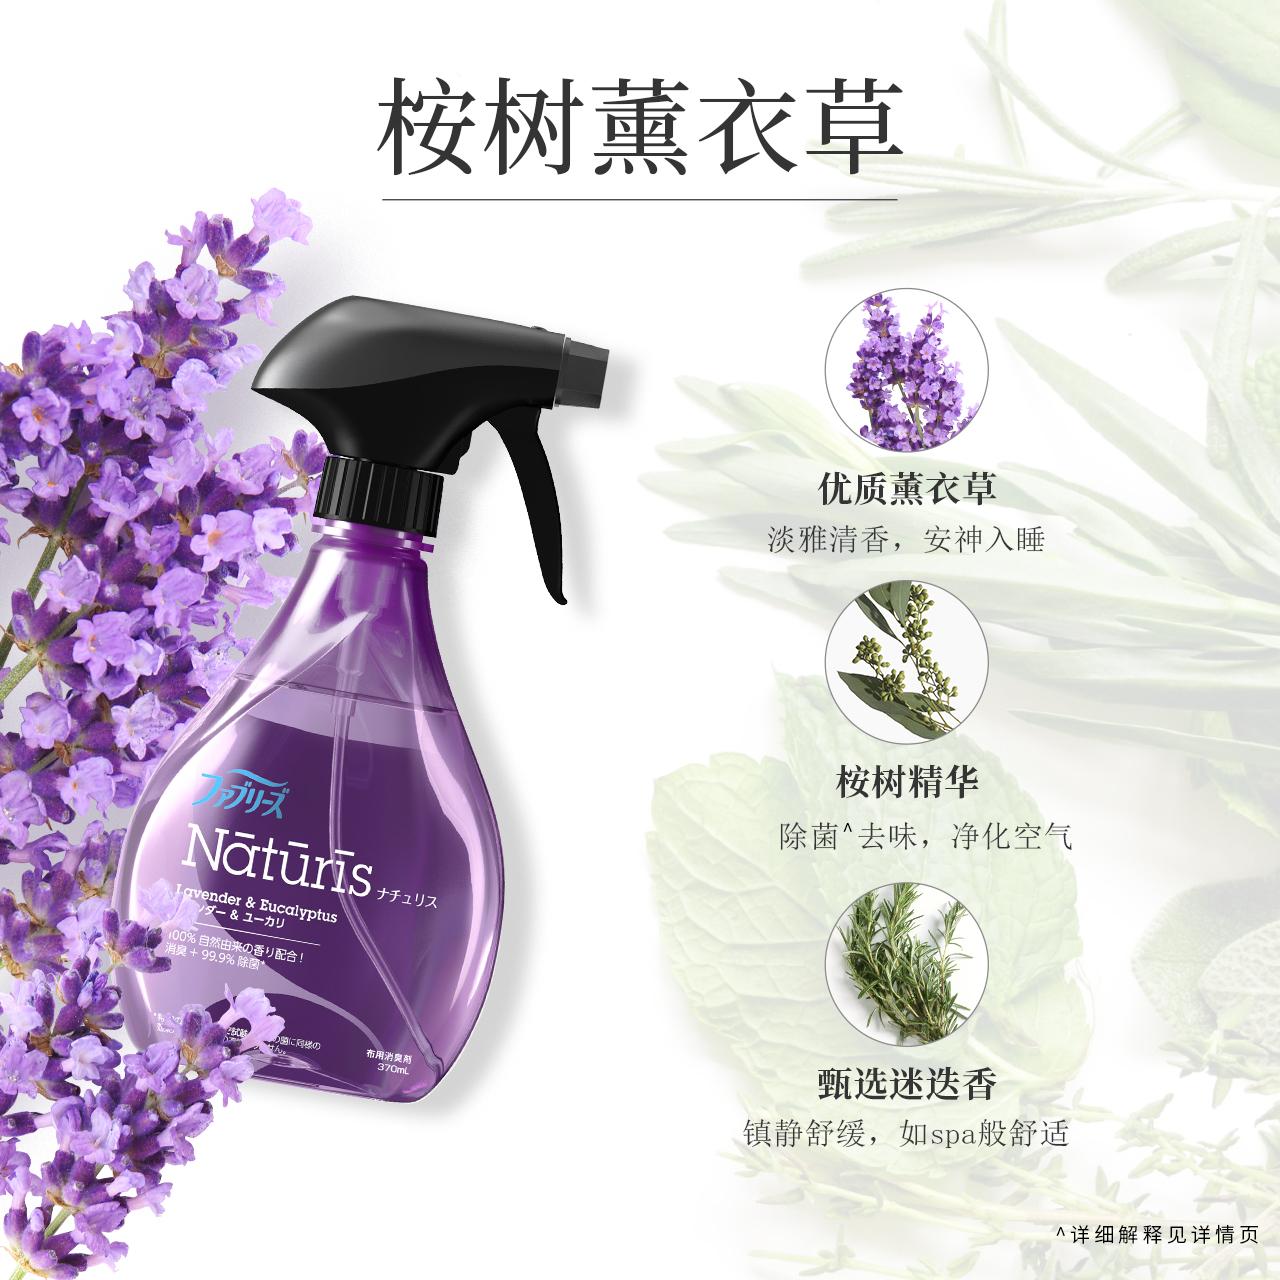 宝洁风倍清Febreze衣物香氛小清新瓶除臭除菌除味喷雾空气清新剂 - 图1